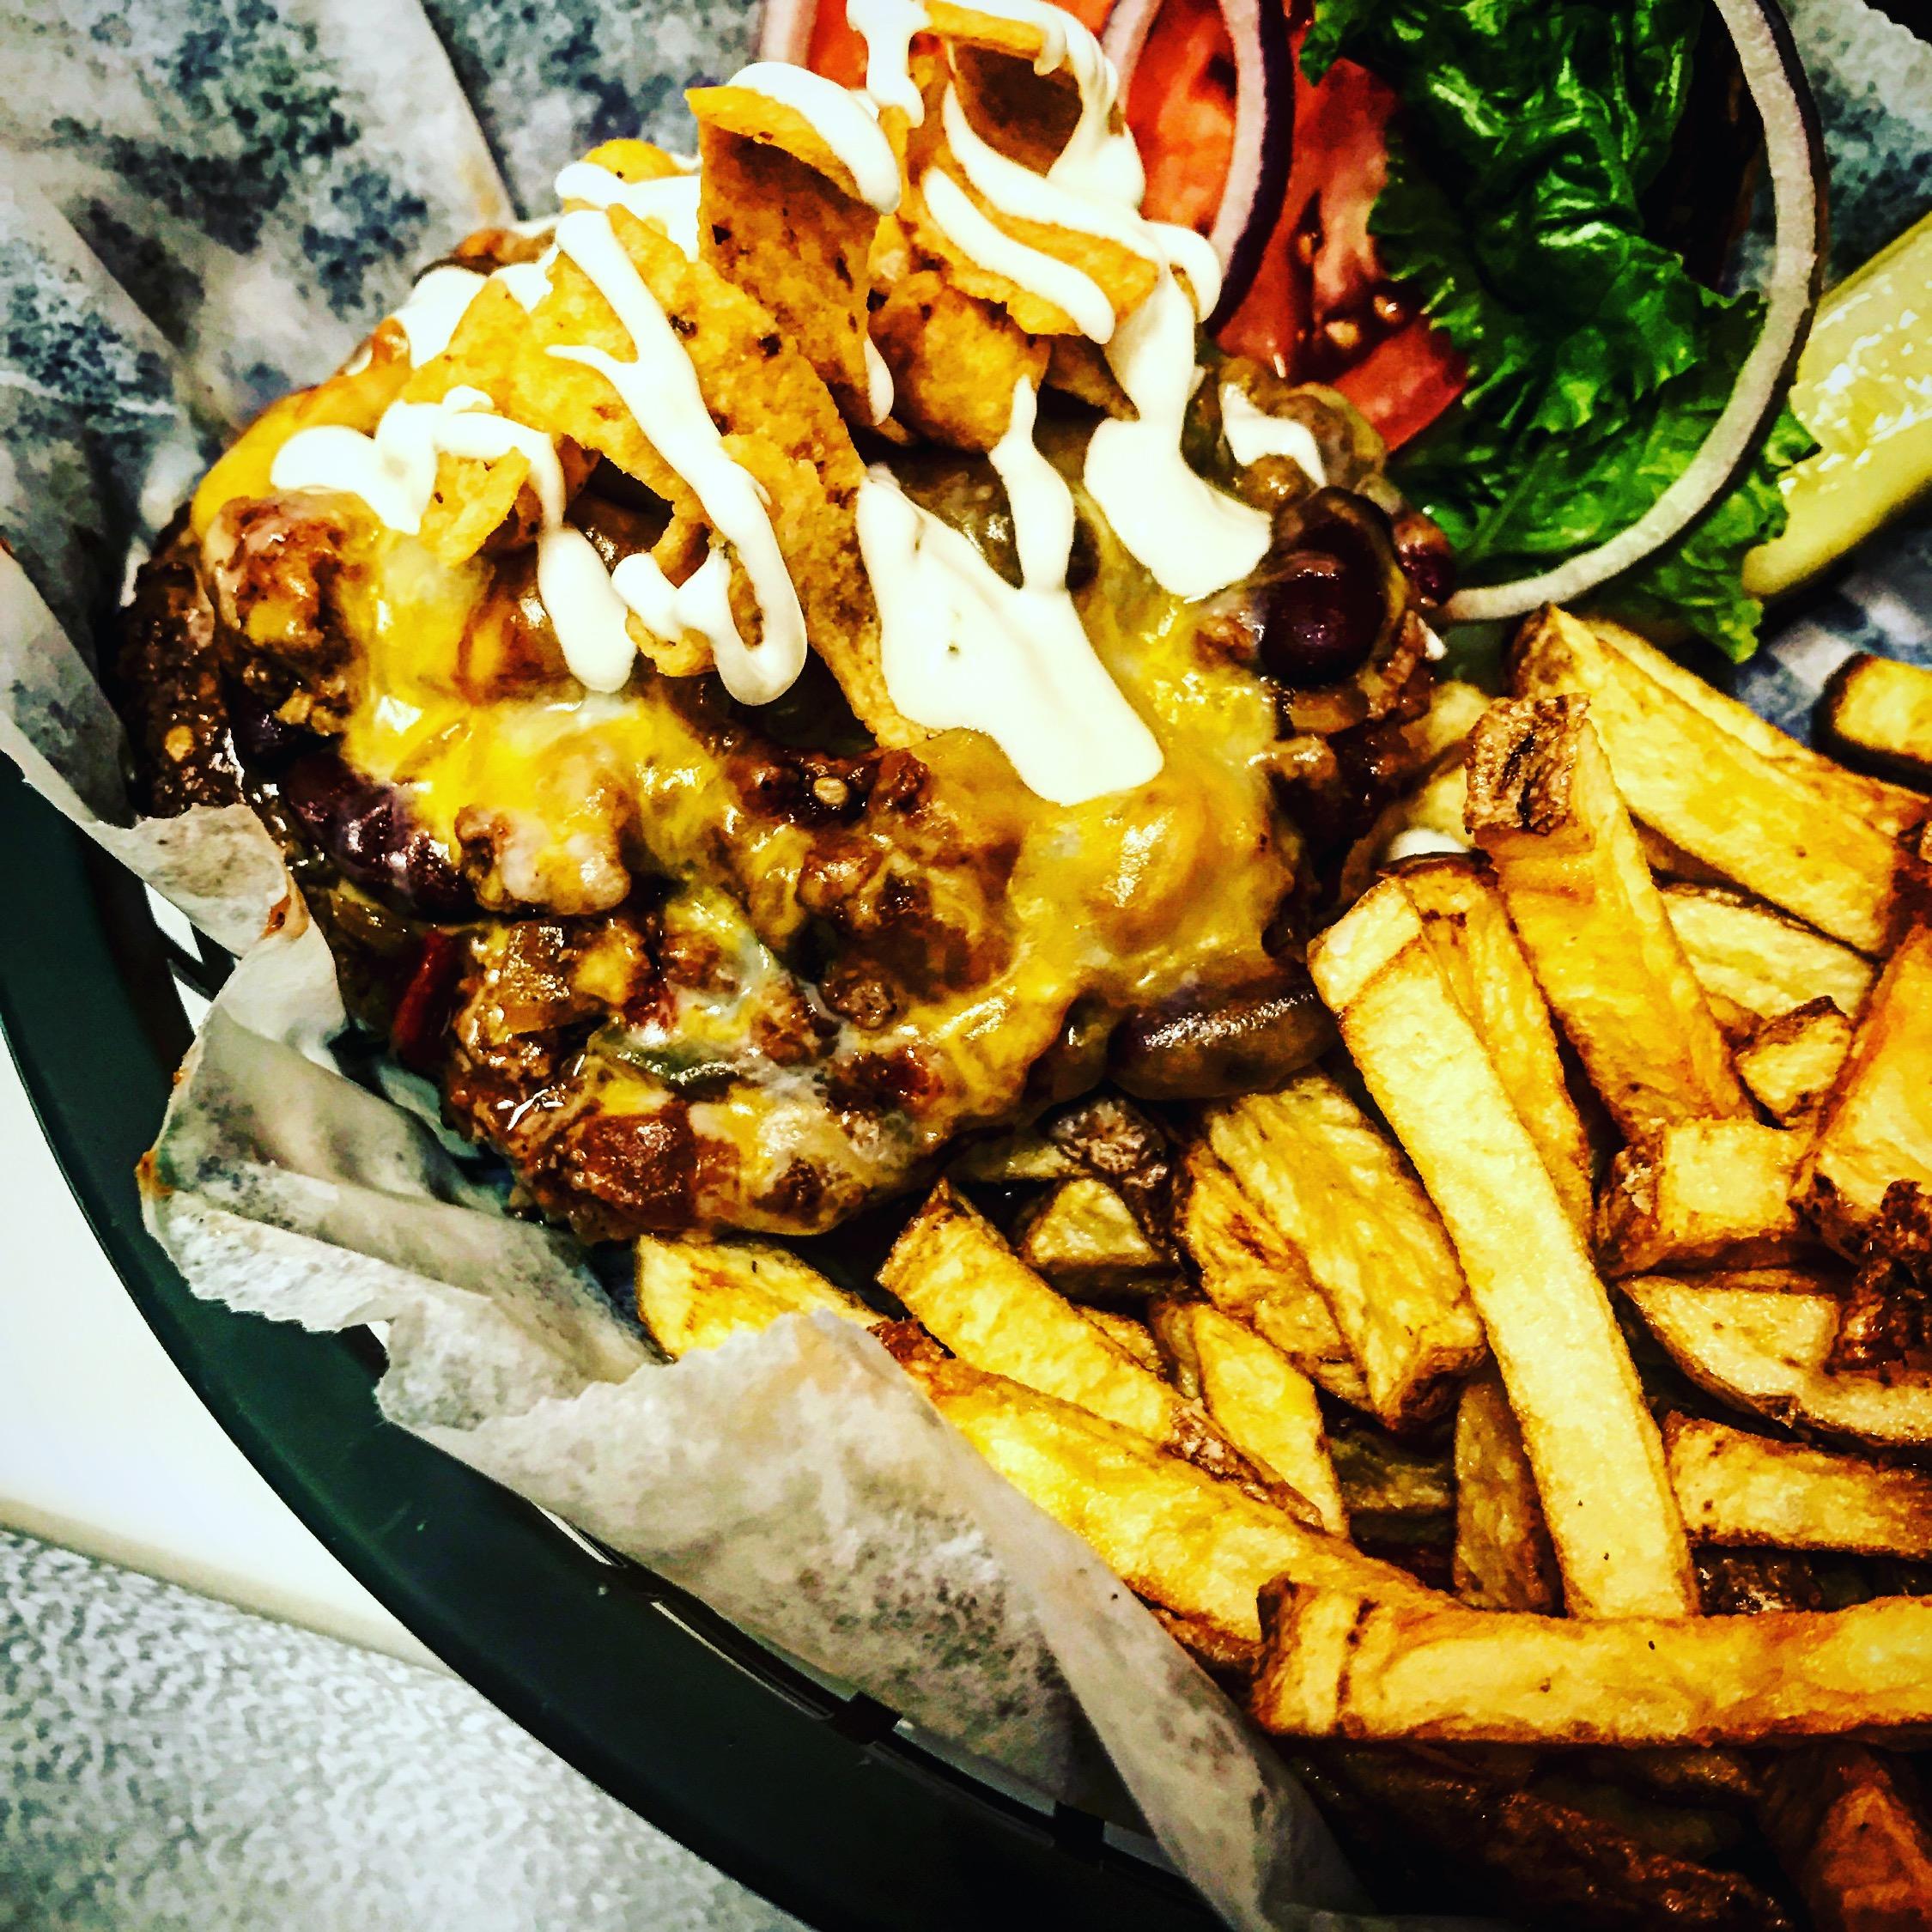 Chili Frito Burger